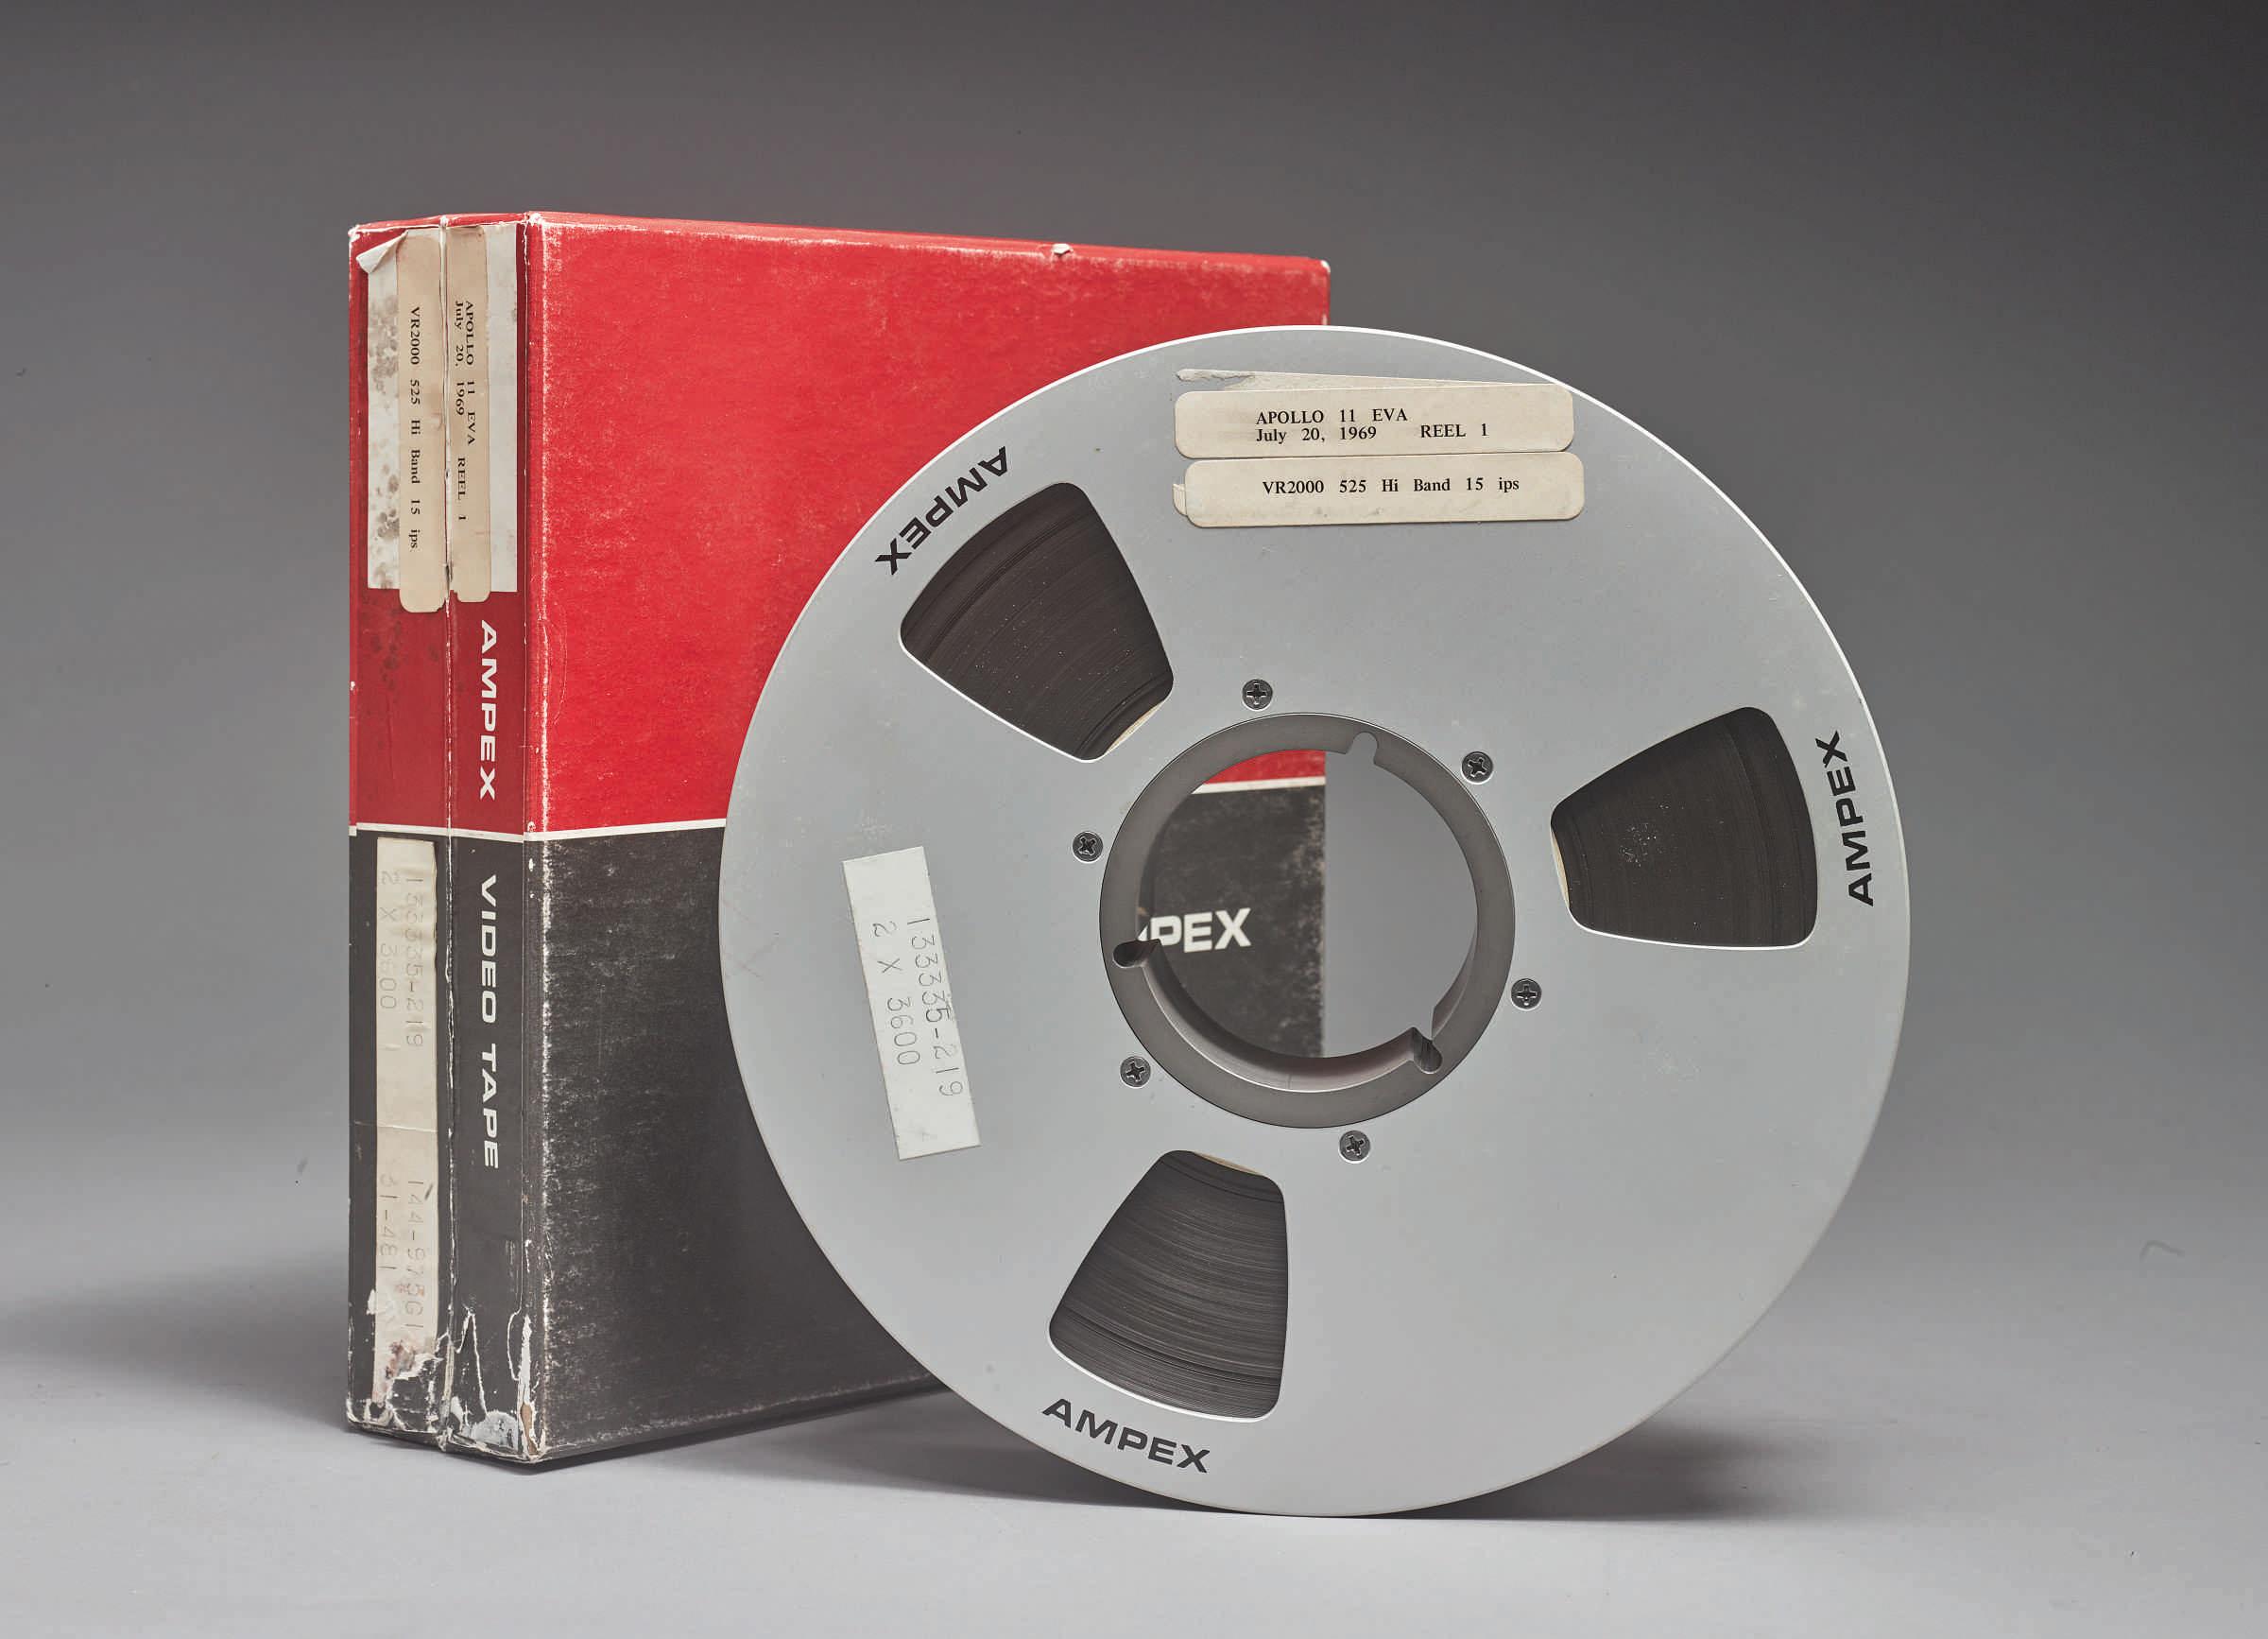 Apollo 11 Tapes - Reel 1